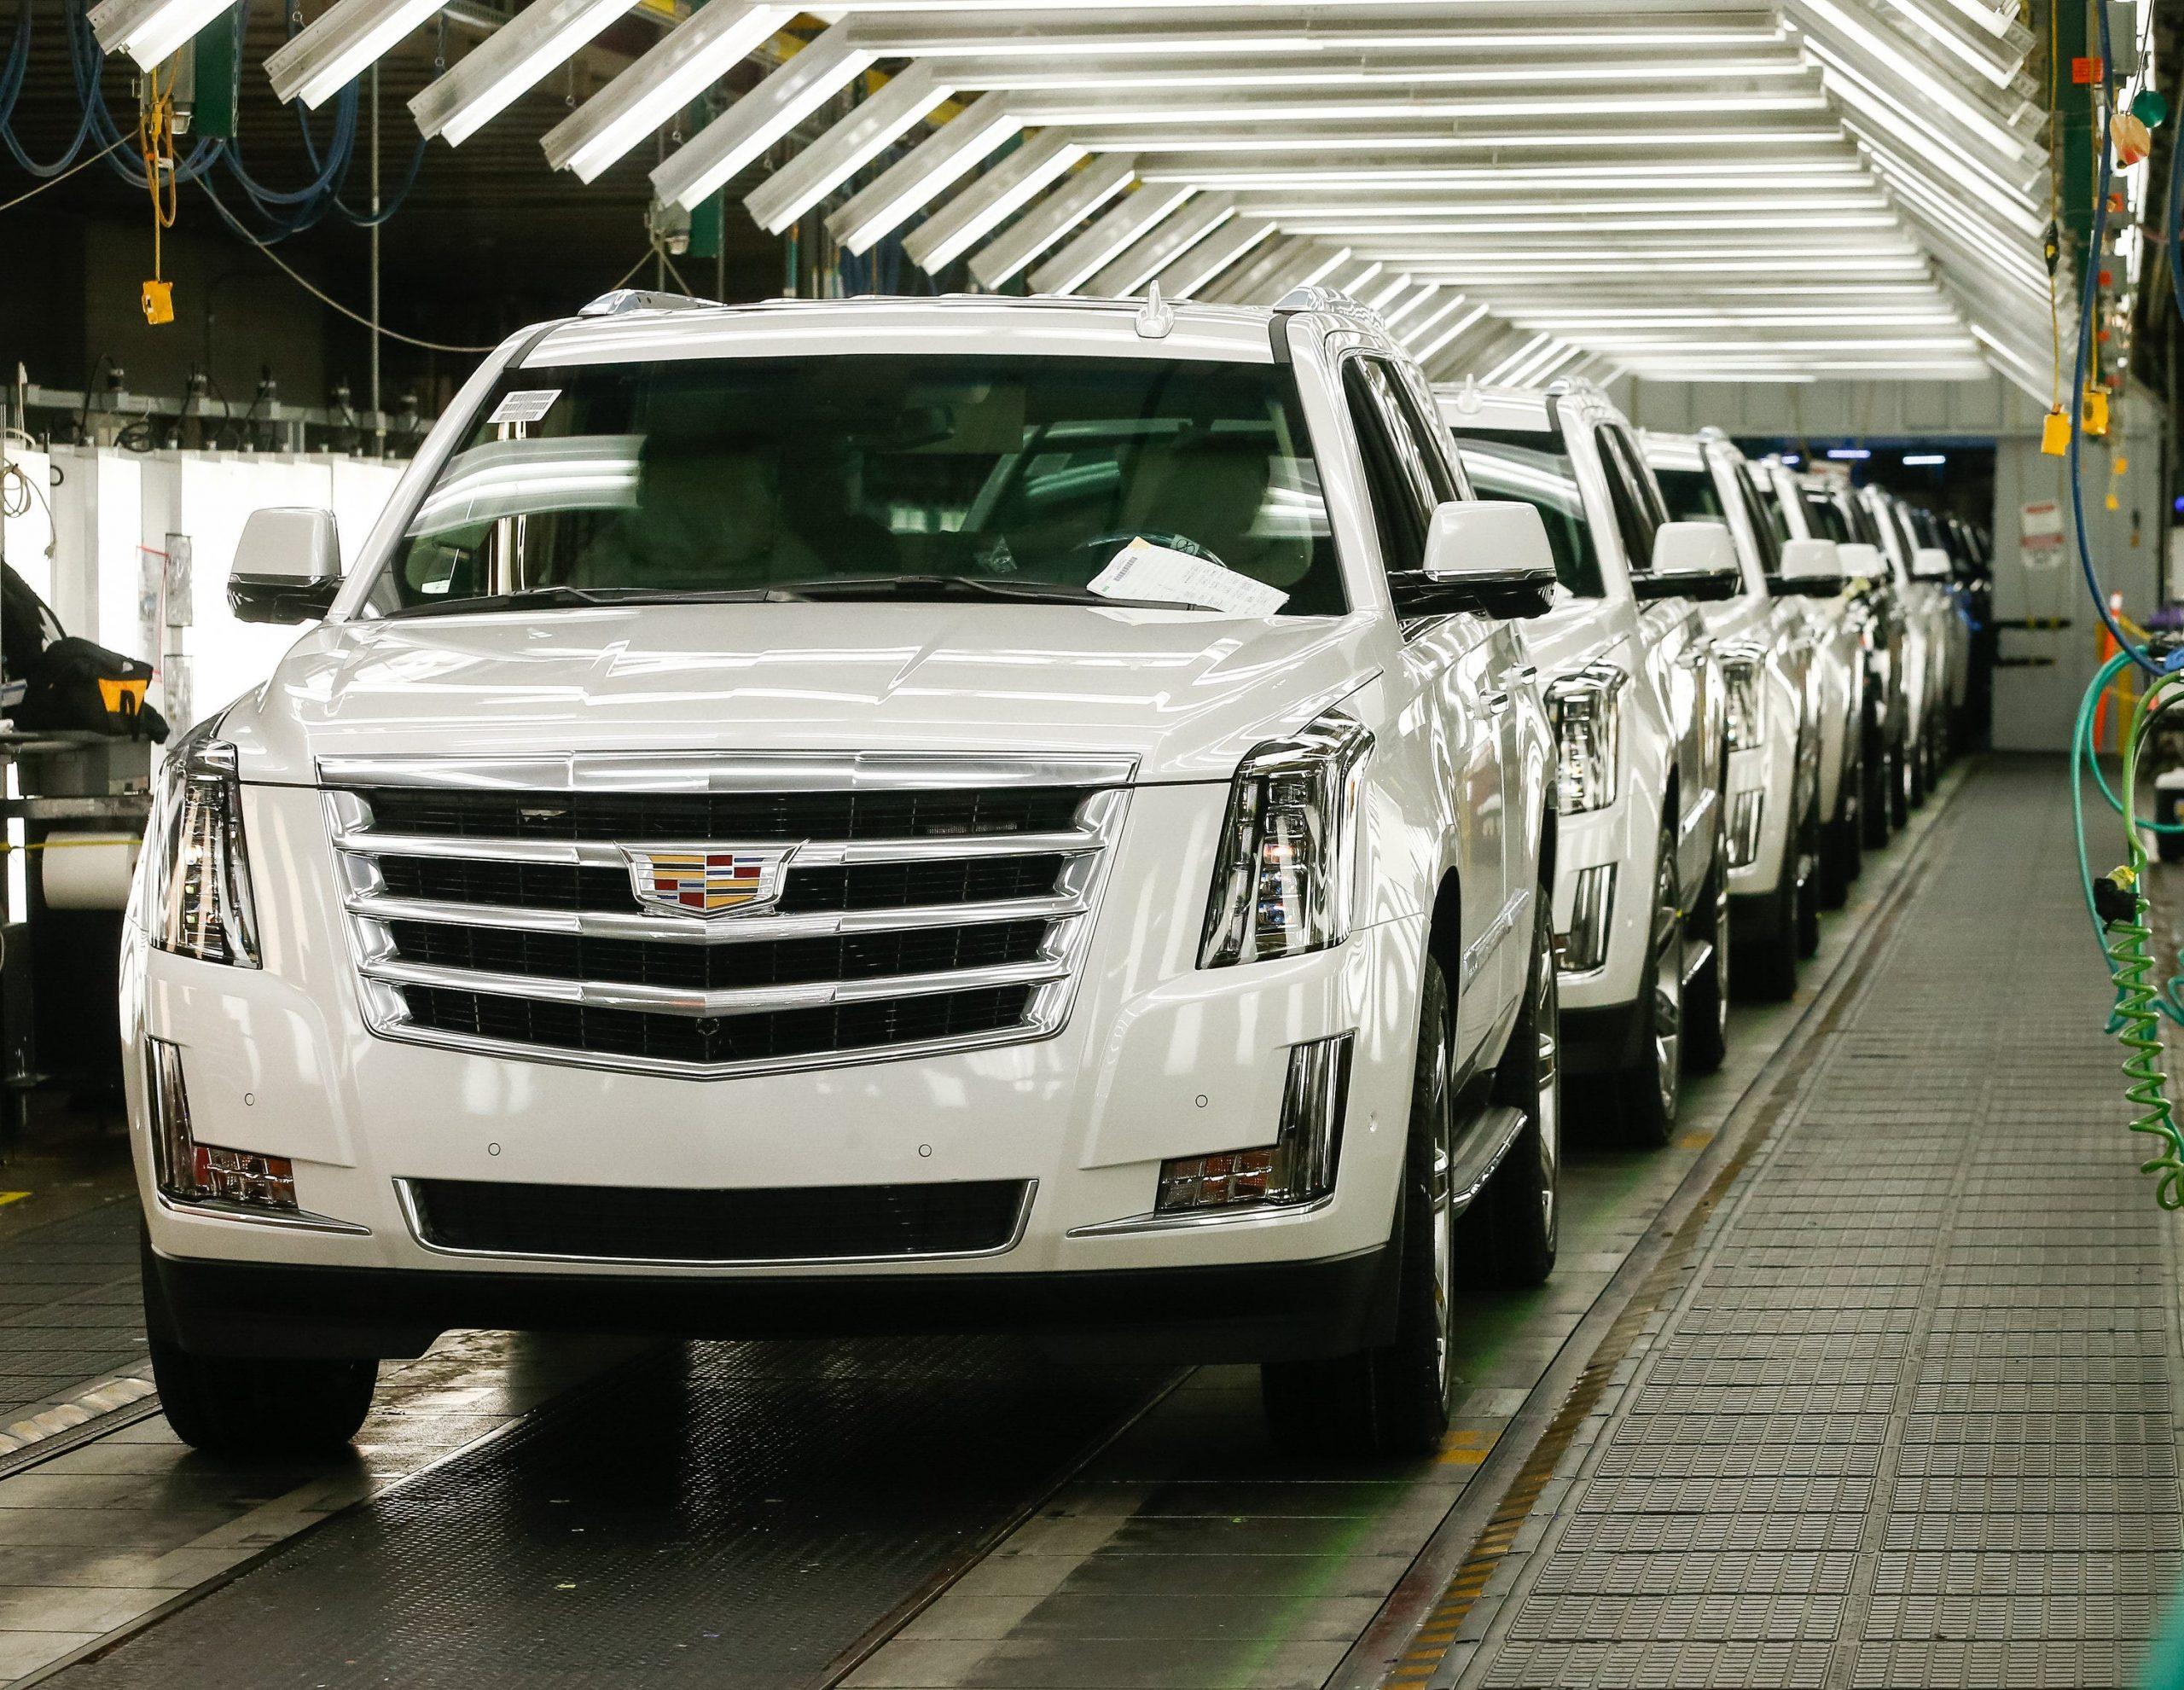 صناعة السيارات في امريكا: تعرف على أكبر 3 شركات